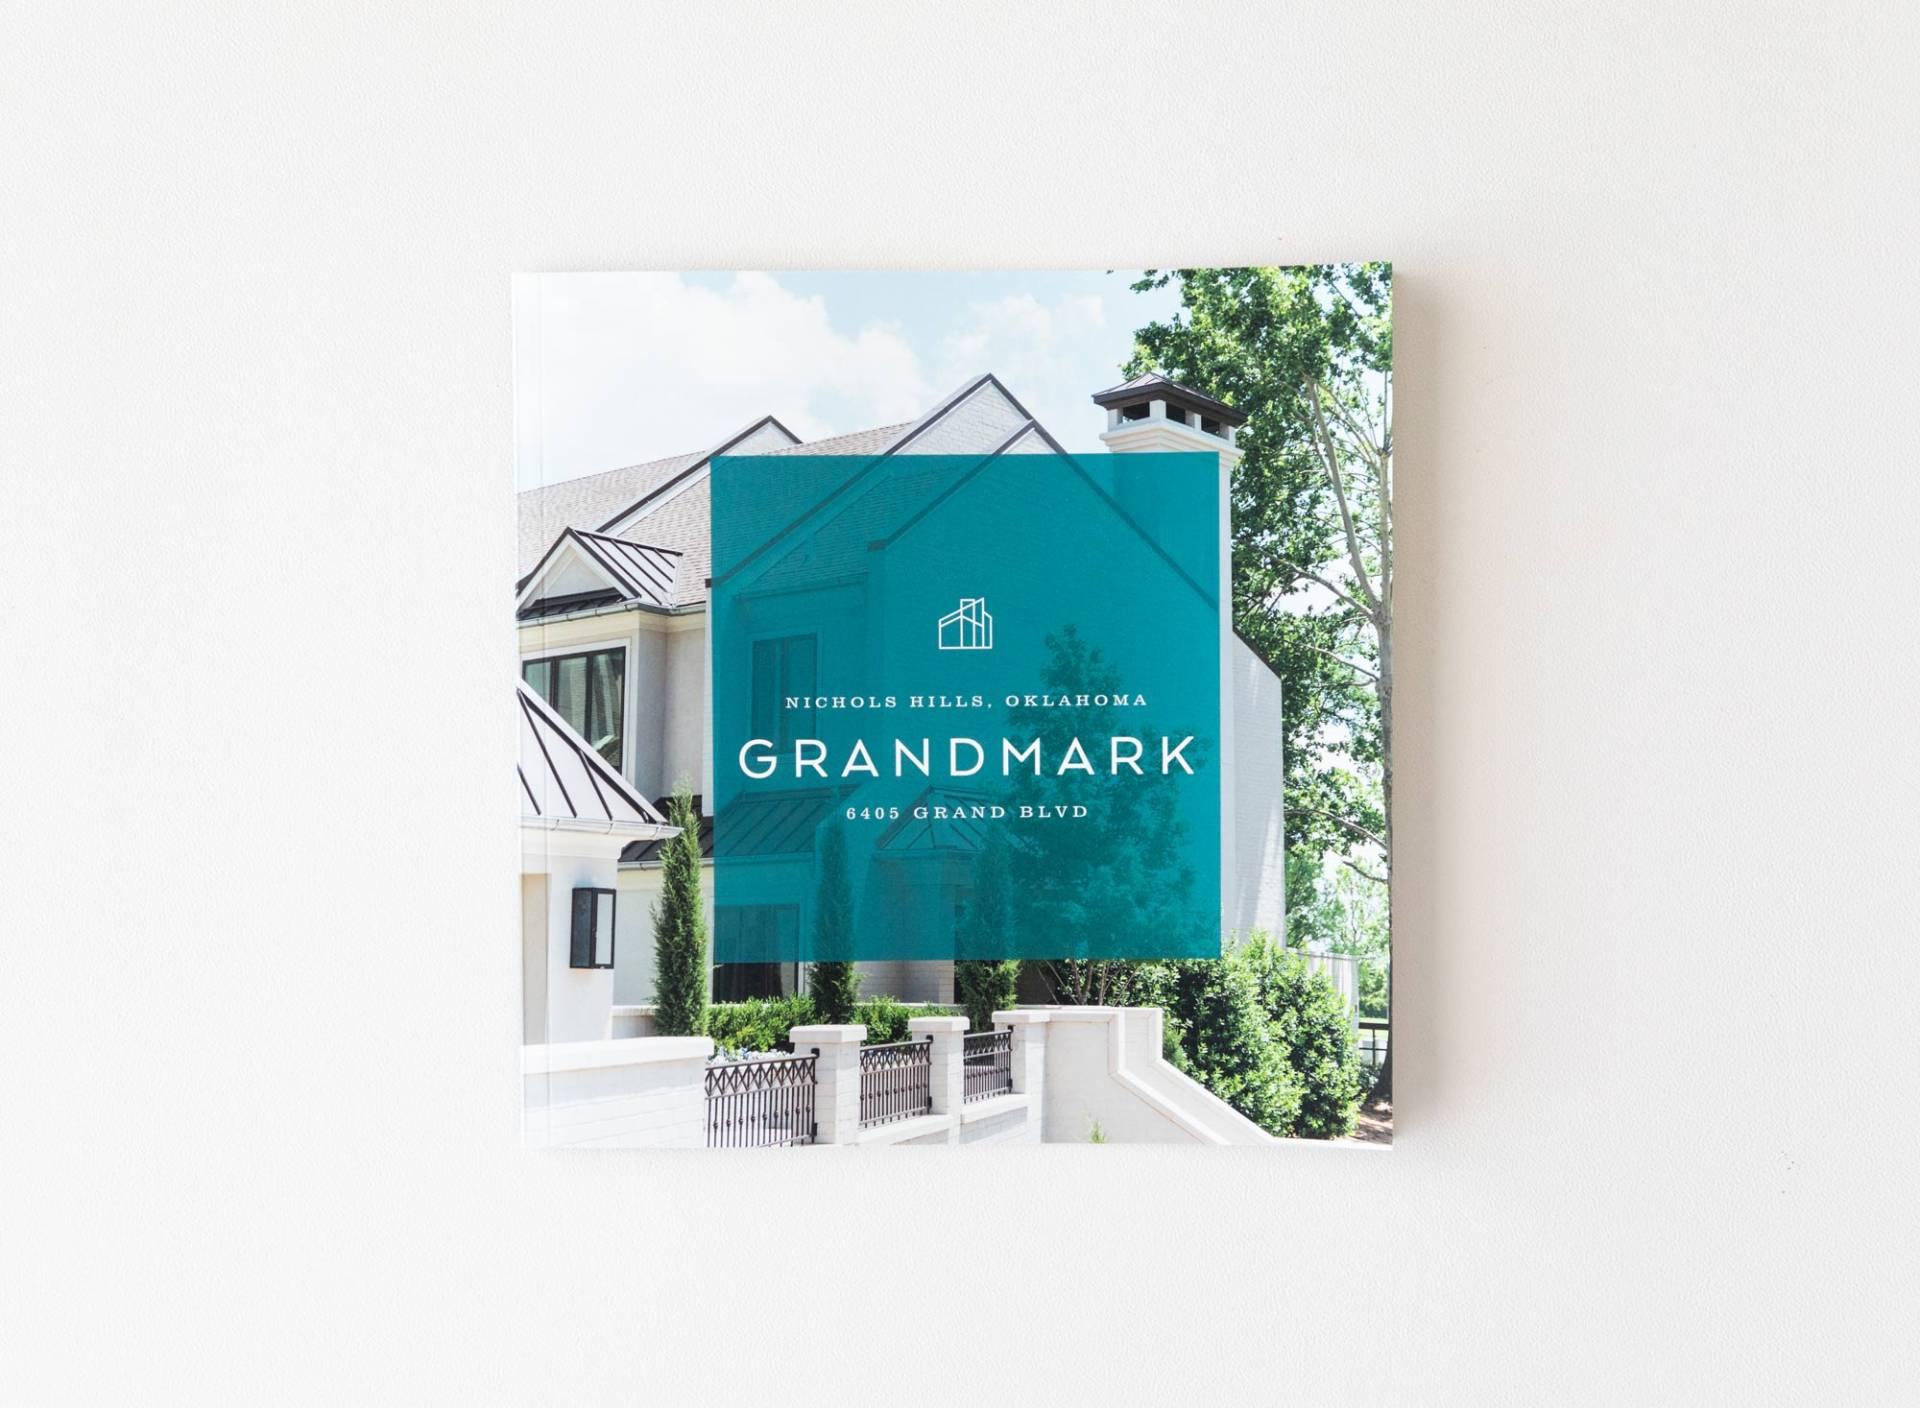 Grandmark_Brandlink-media19